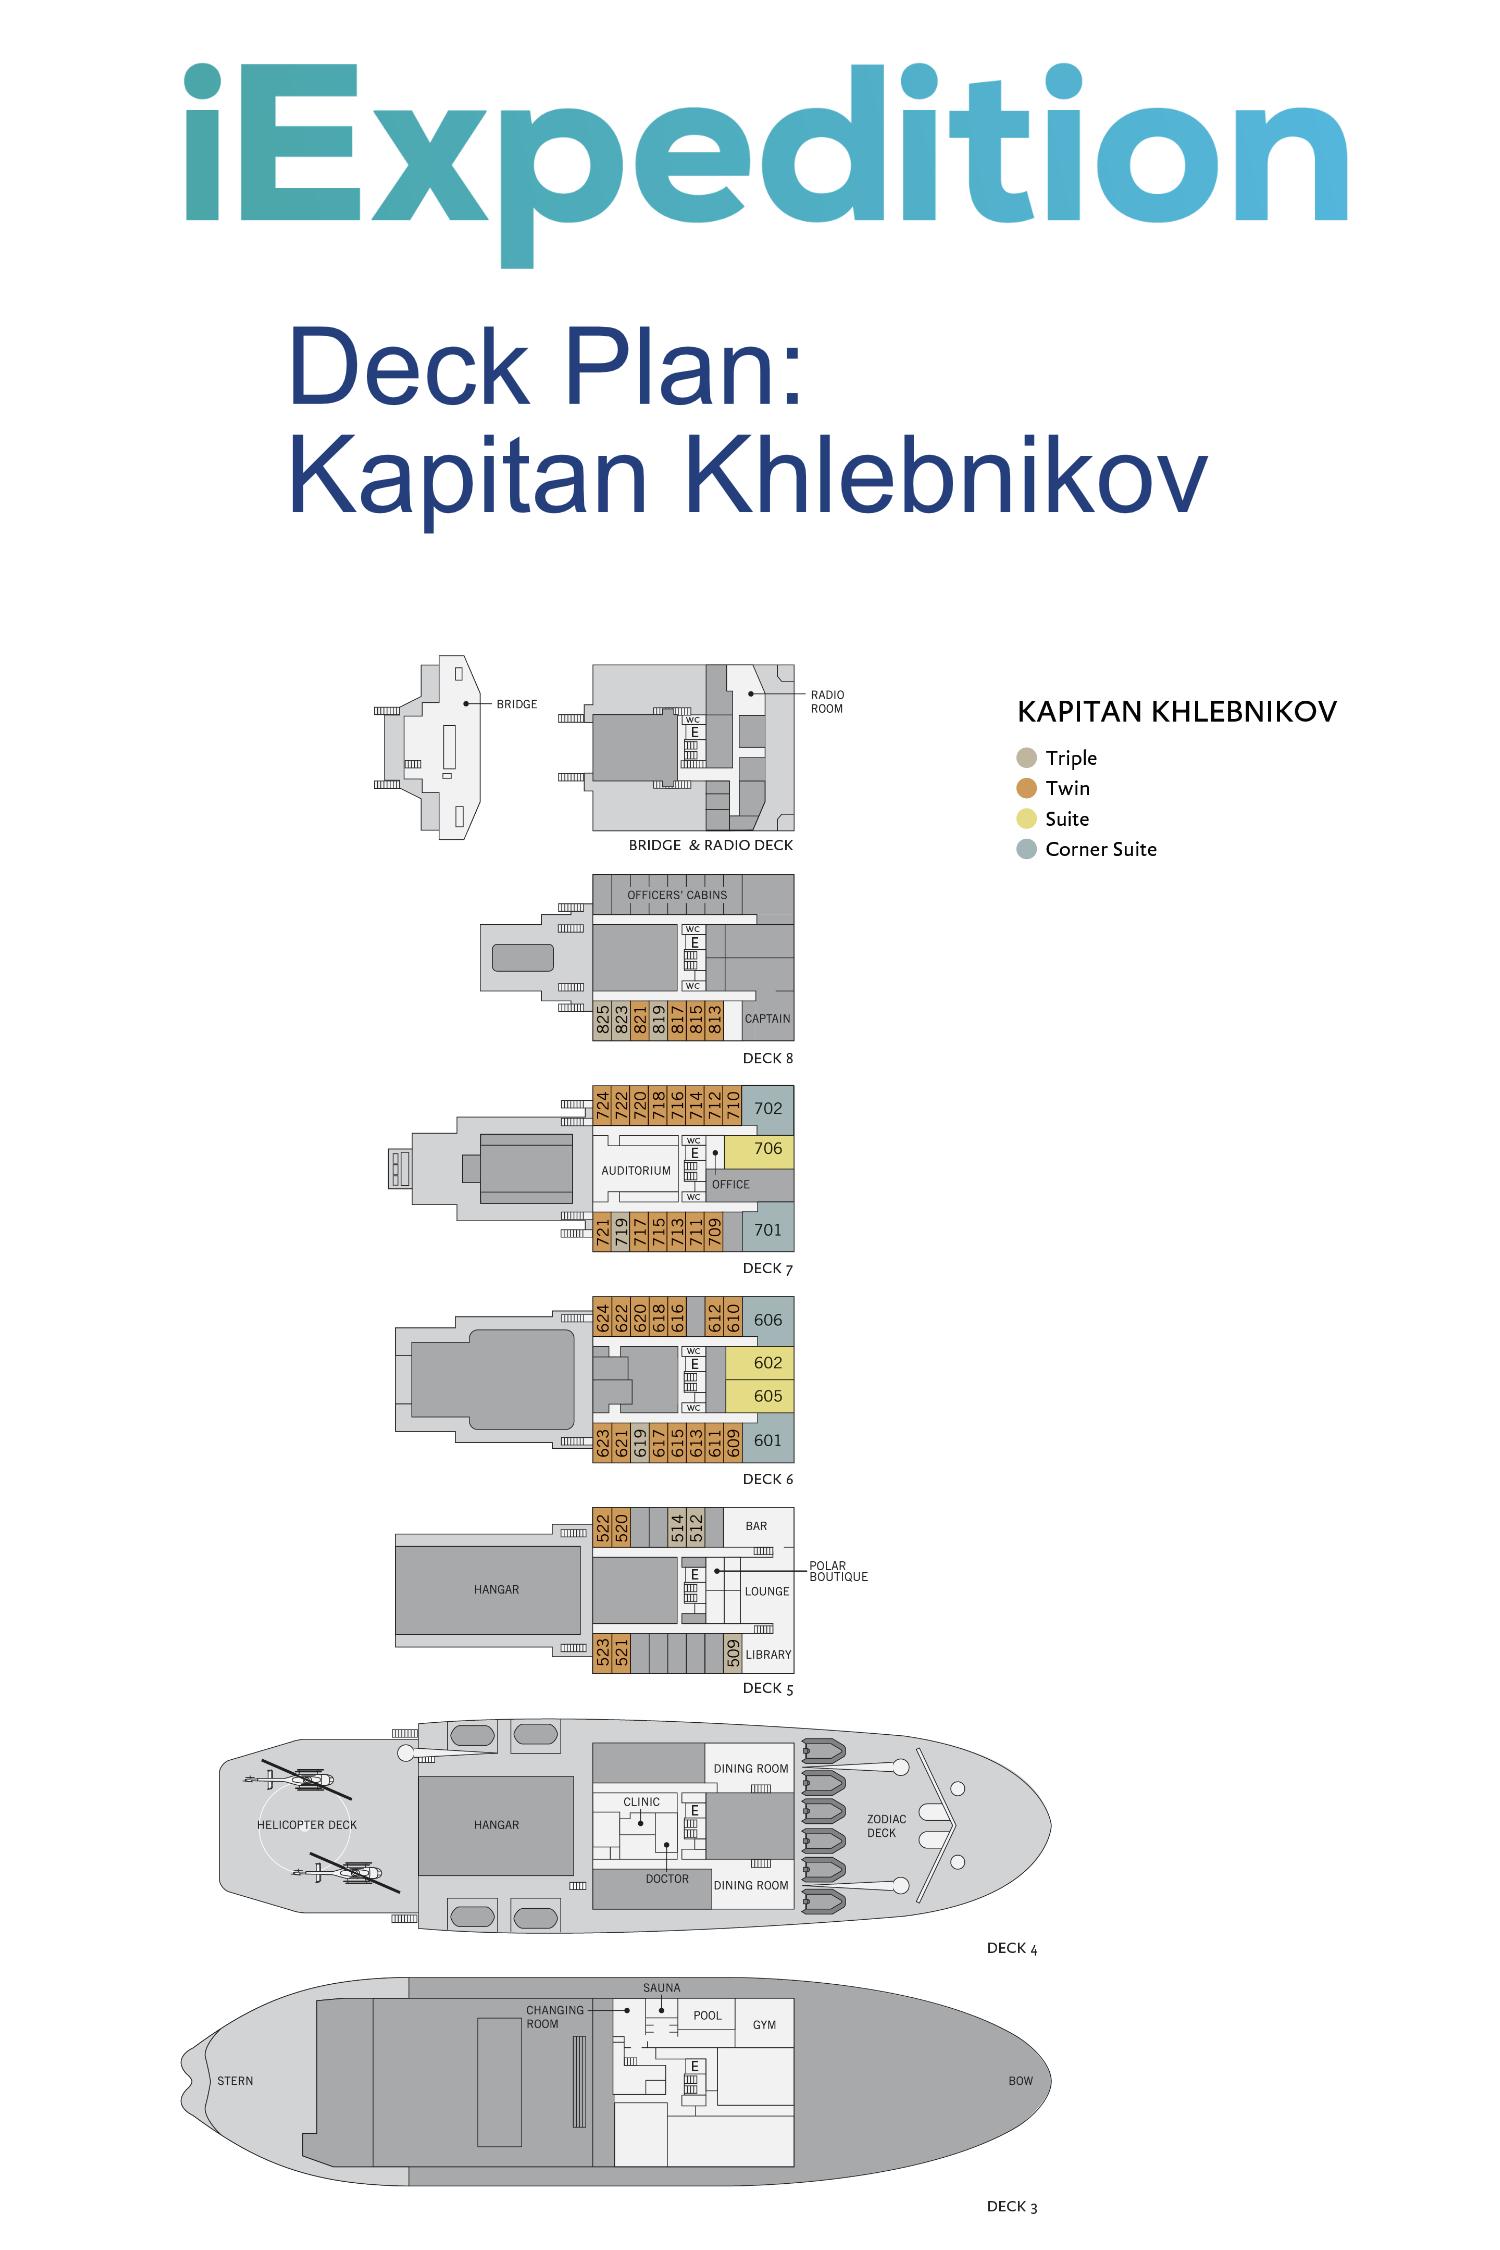 Kapitan khlebnikov deck plan